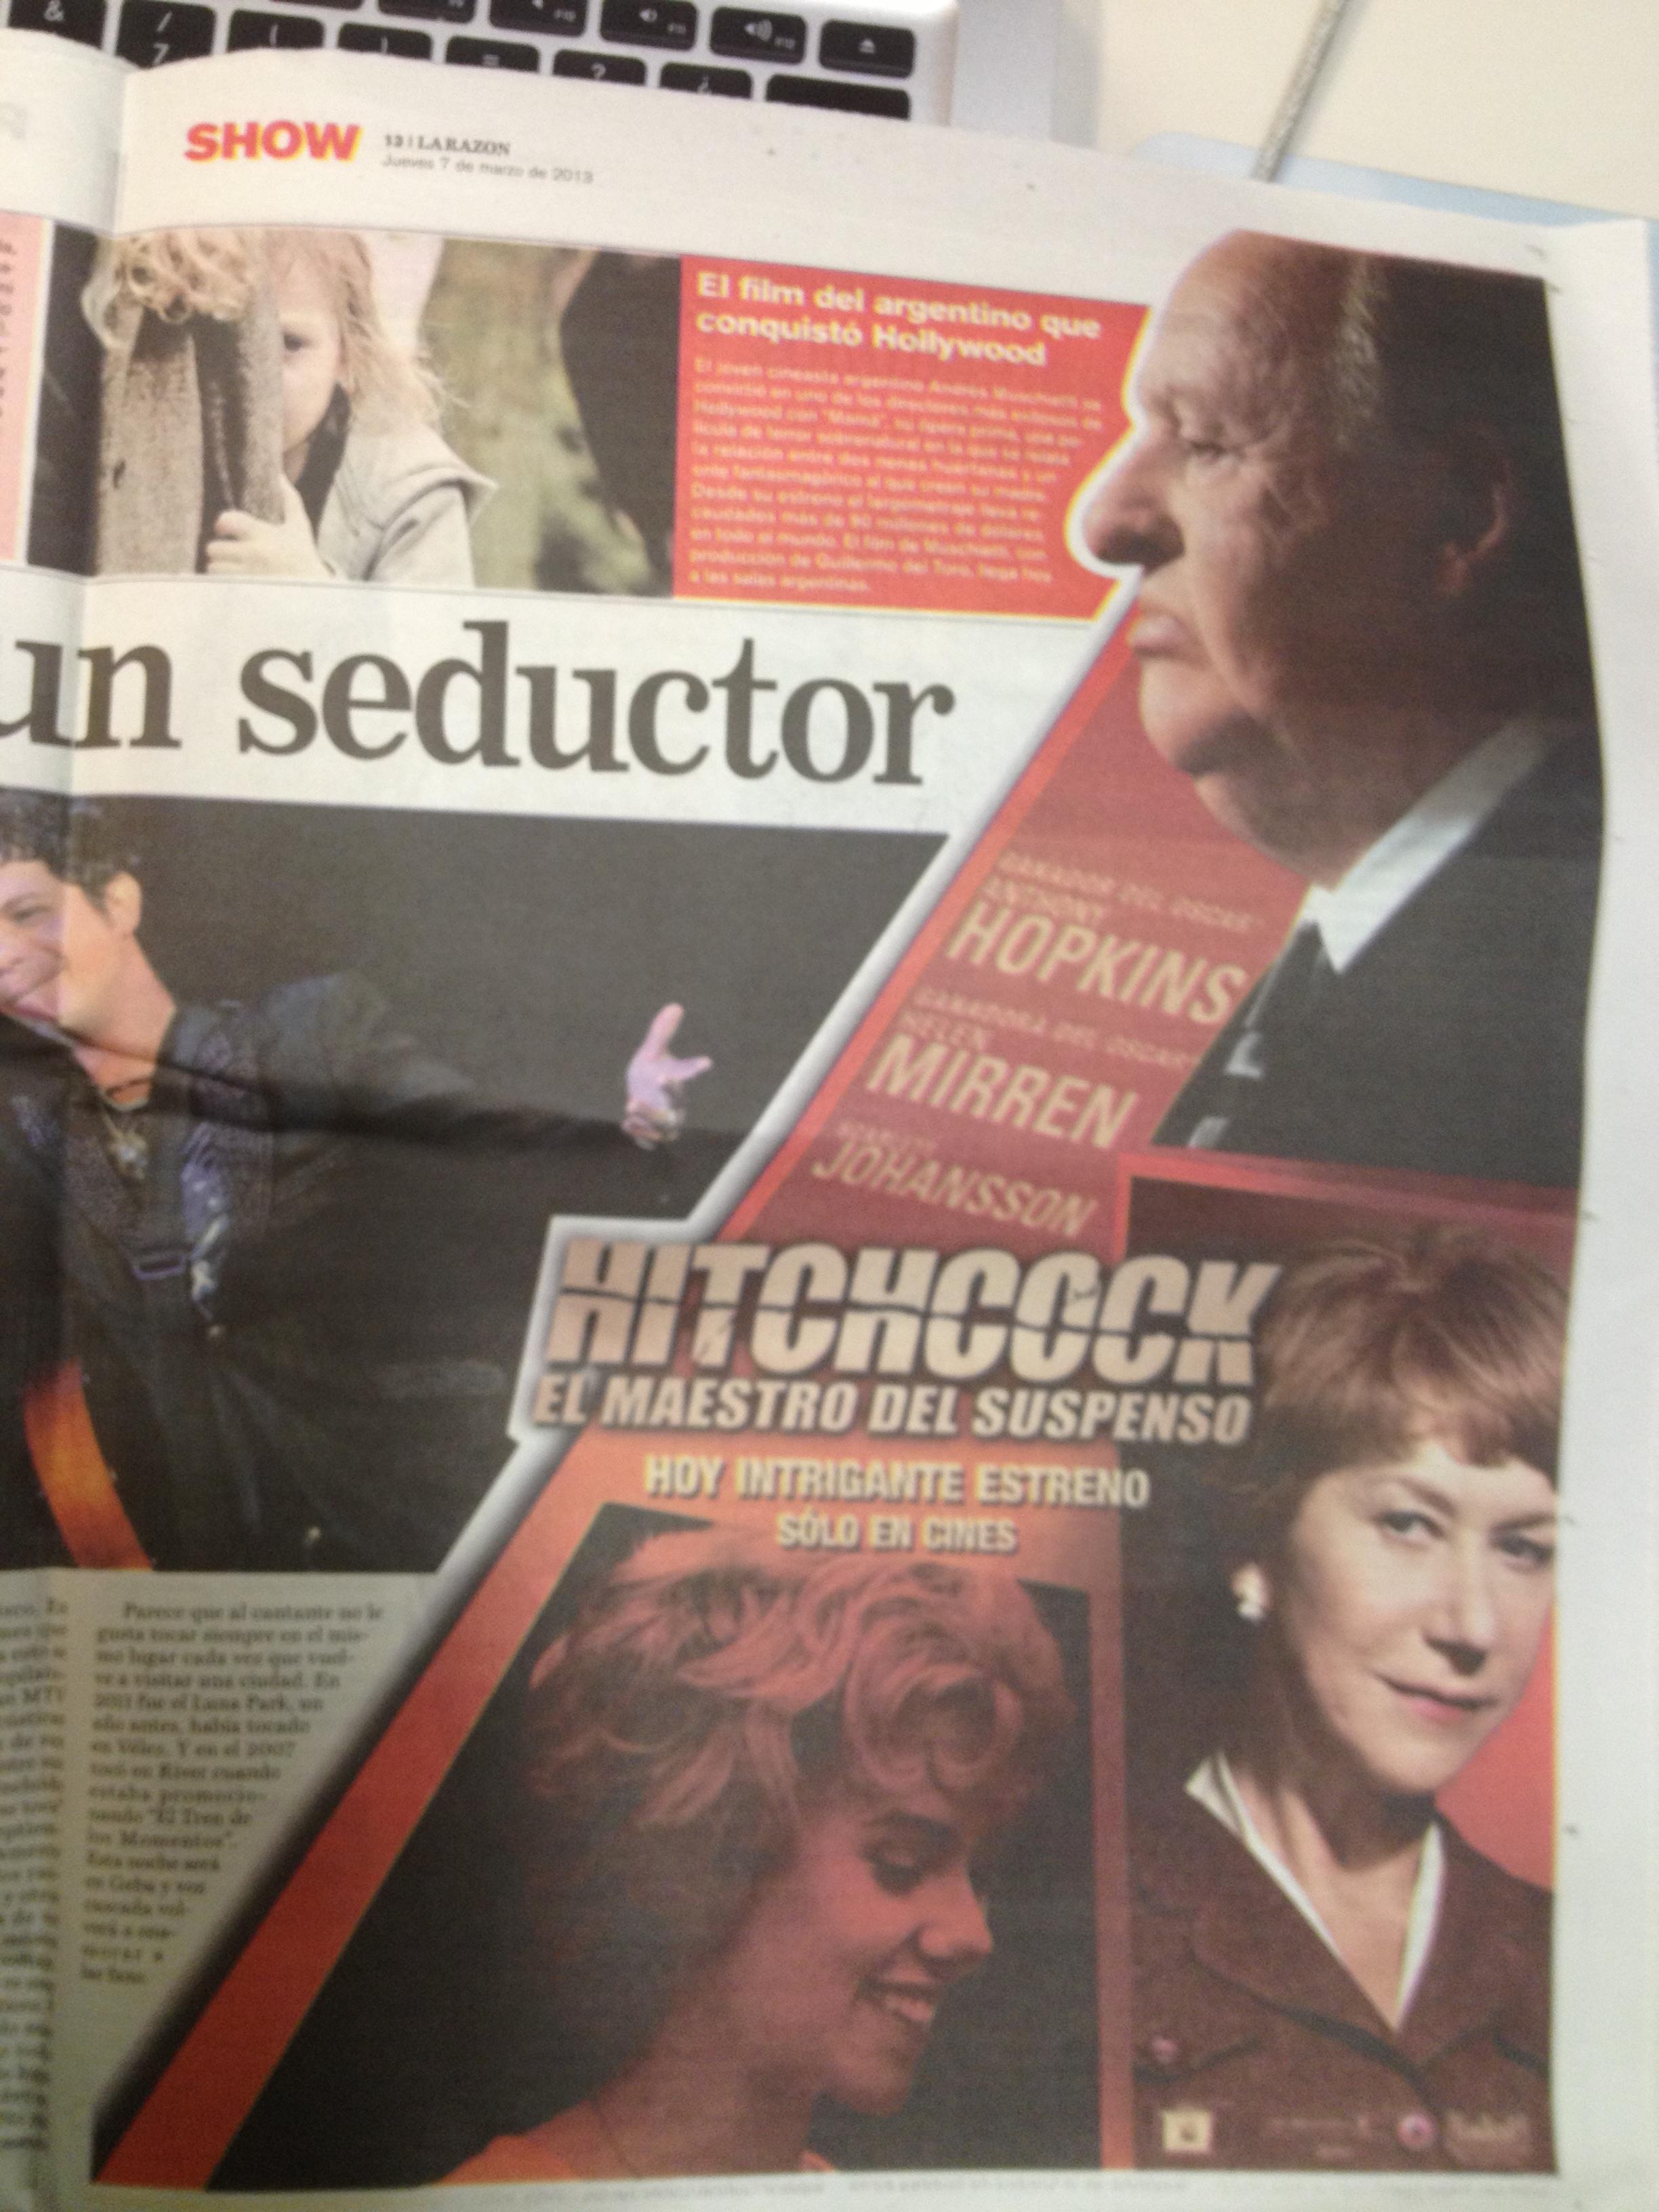 Hitchcock - aviso gráfico La Razón